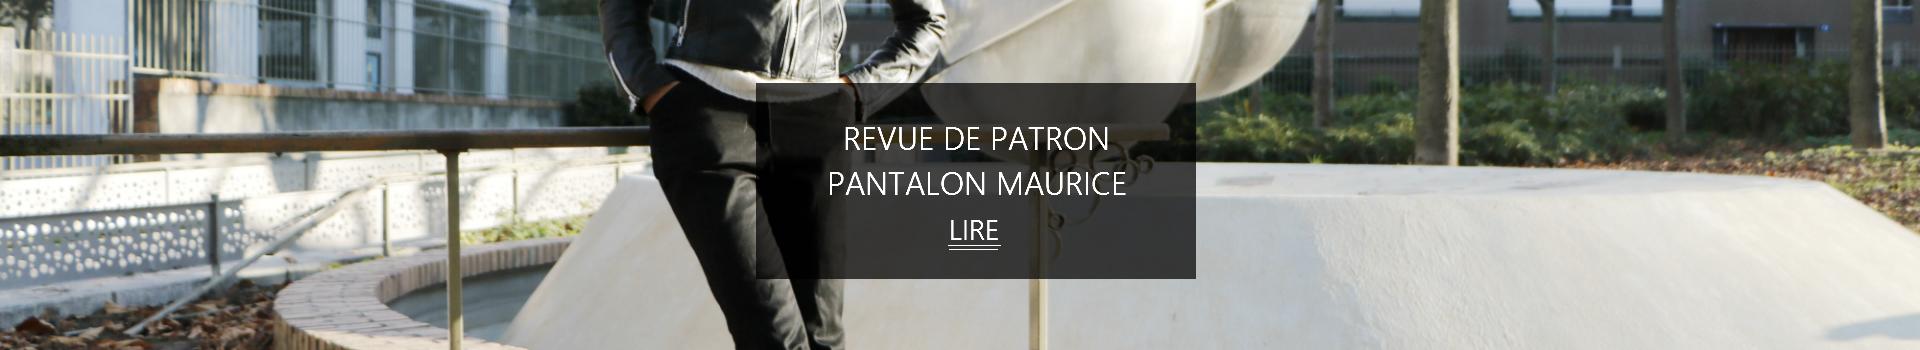 Chez Lisette Pantalon Maurice slider